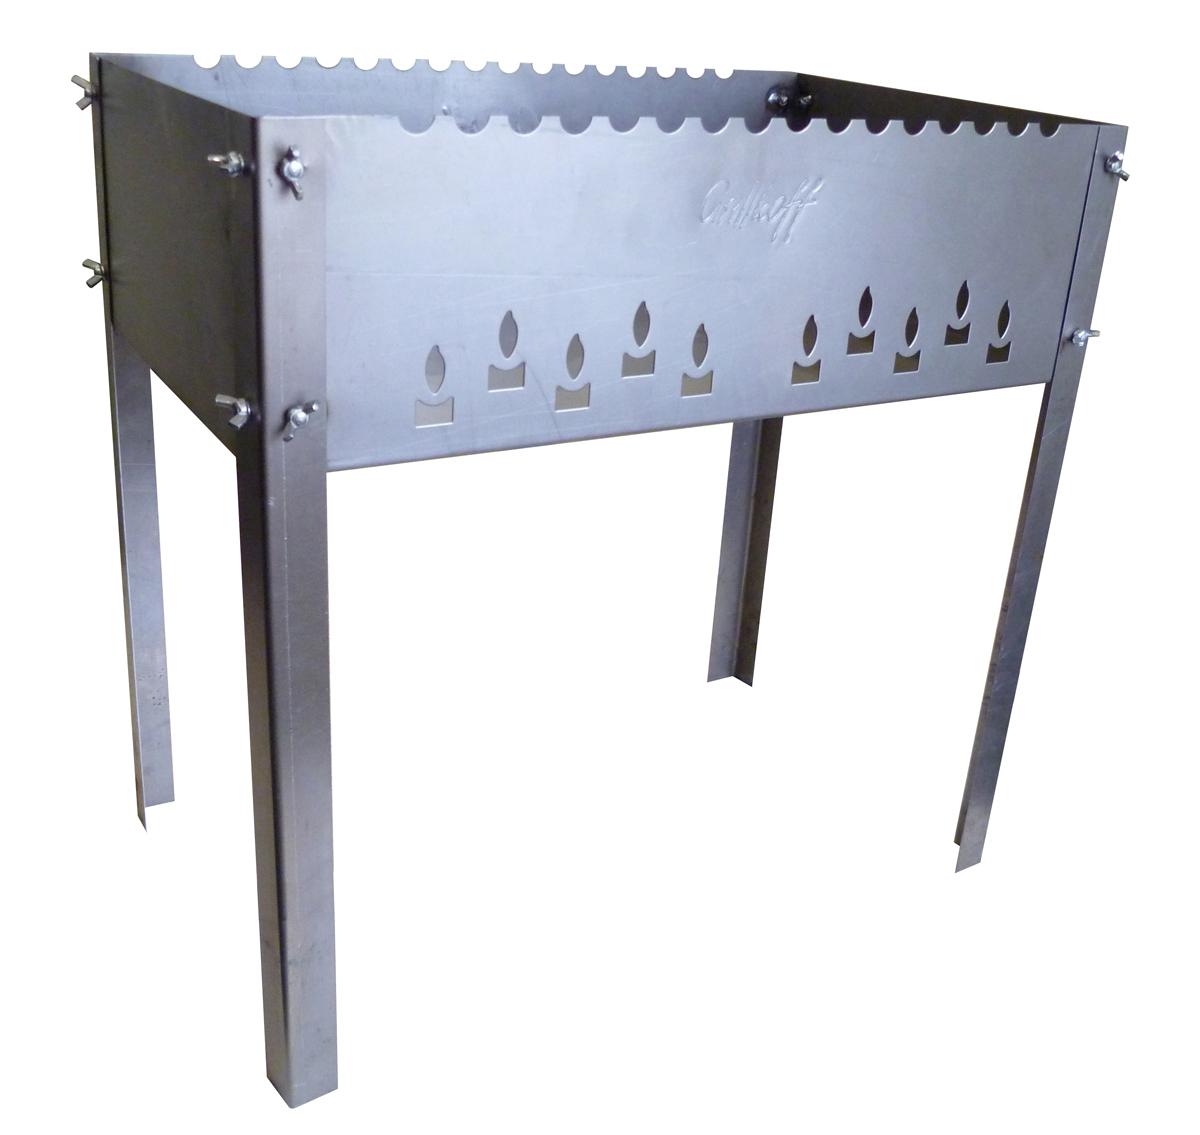 Мангал Grillkoff Max, с 6 шампурами, 50 х 30 х 50 смFS-91909Мангал Grillkoff Max выполнен из высококачественной стали. С барашками, с волной. Мангал без усилий собирается для применения. Конструкция позволяет с комфортом готовить на мангале.В комплекте 6 шампуров, выполненных из нержавеющей стали.Размер мангала (с учетом ножек): 50 х 30 х 50 см.Глубина мангала: 14,5 см.Толщина стали: 1,5 мм.Длина шампуров: 50 см.Толщина шампуров: 0,8 мм.